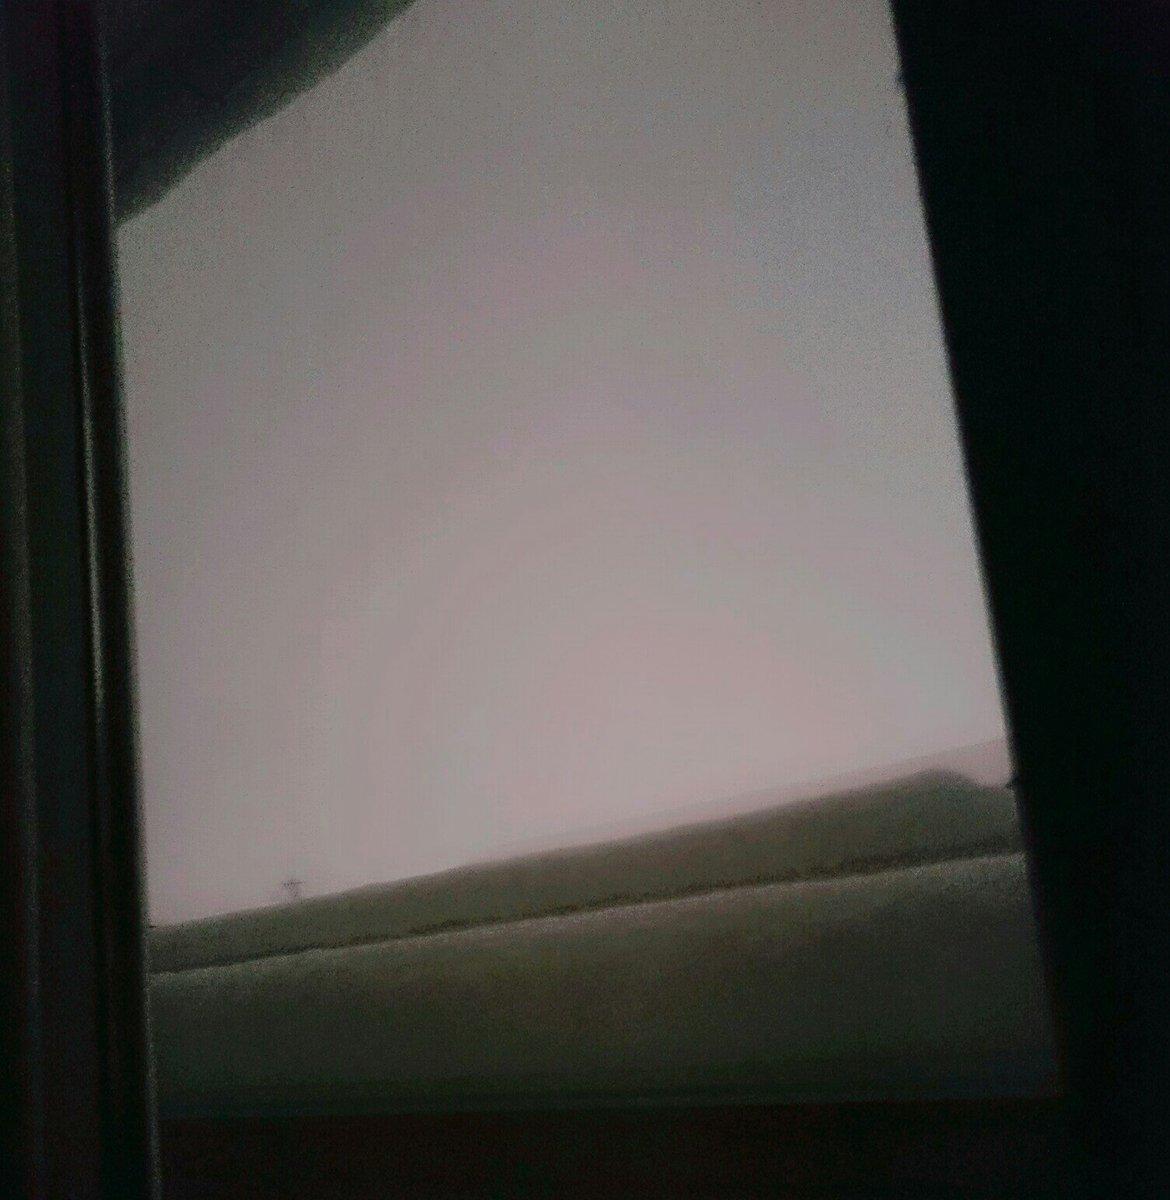 お空きいろい  うまくうつらない  てか雪すごい https://t.co/c18r9Dtbu1